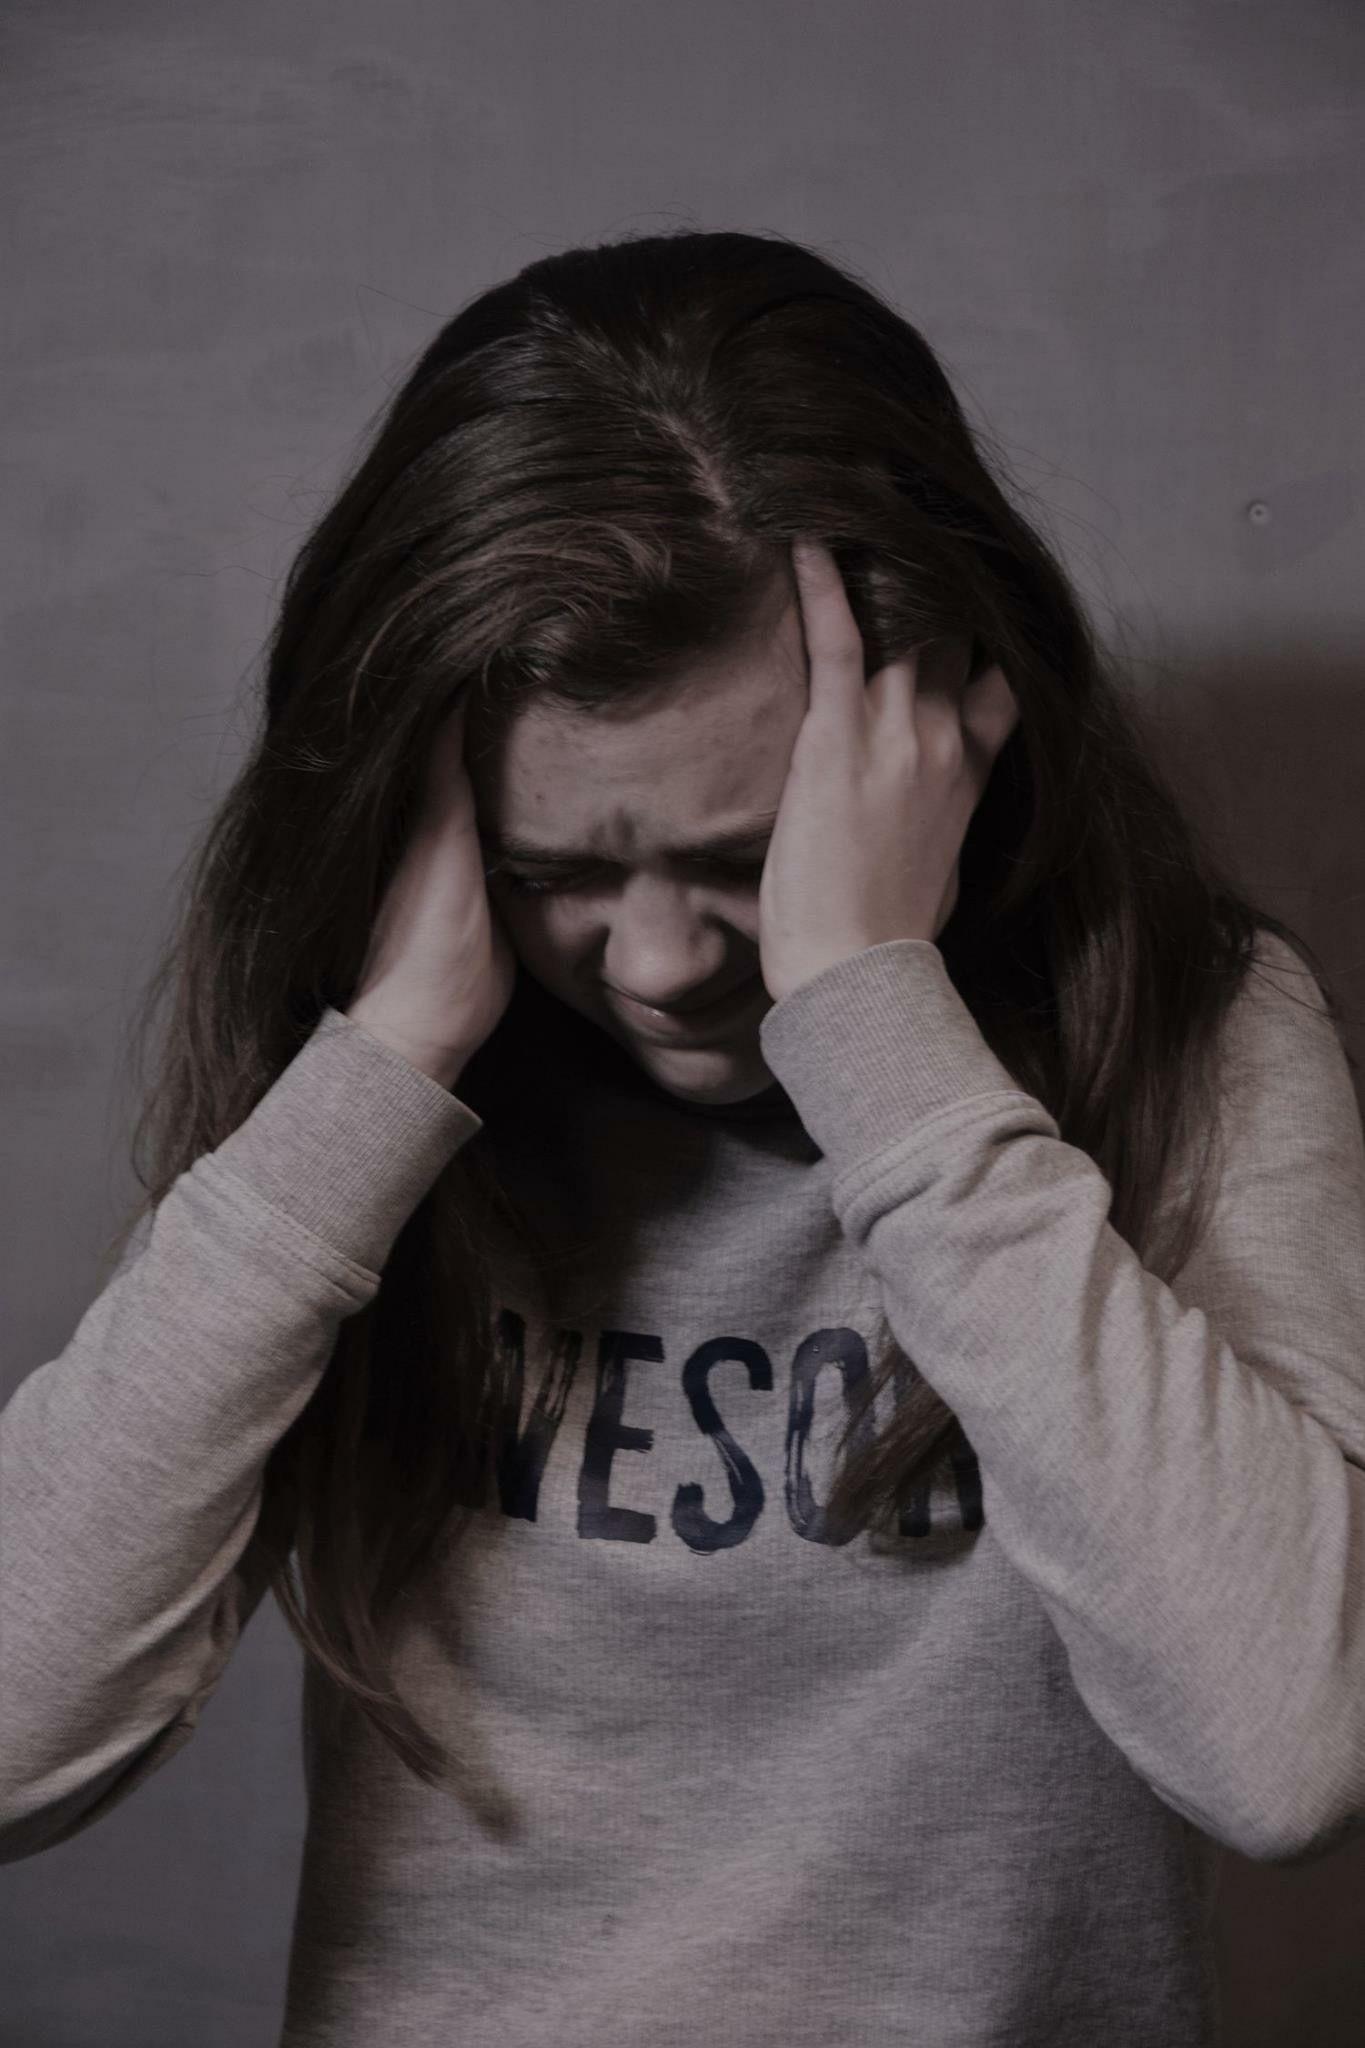 你是否患有强迫症呢?那强迫症的人脑子里都在想什么?